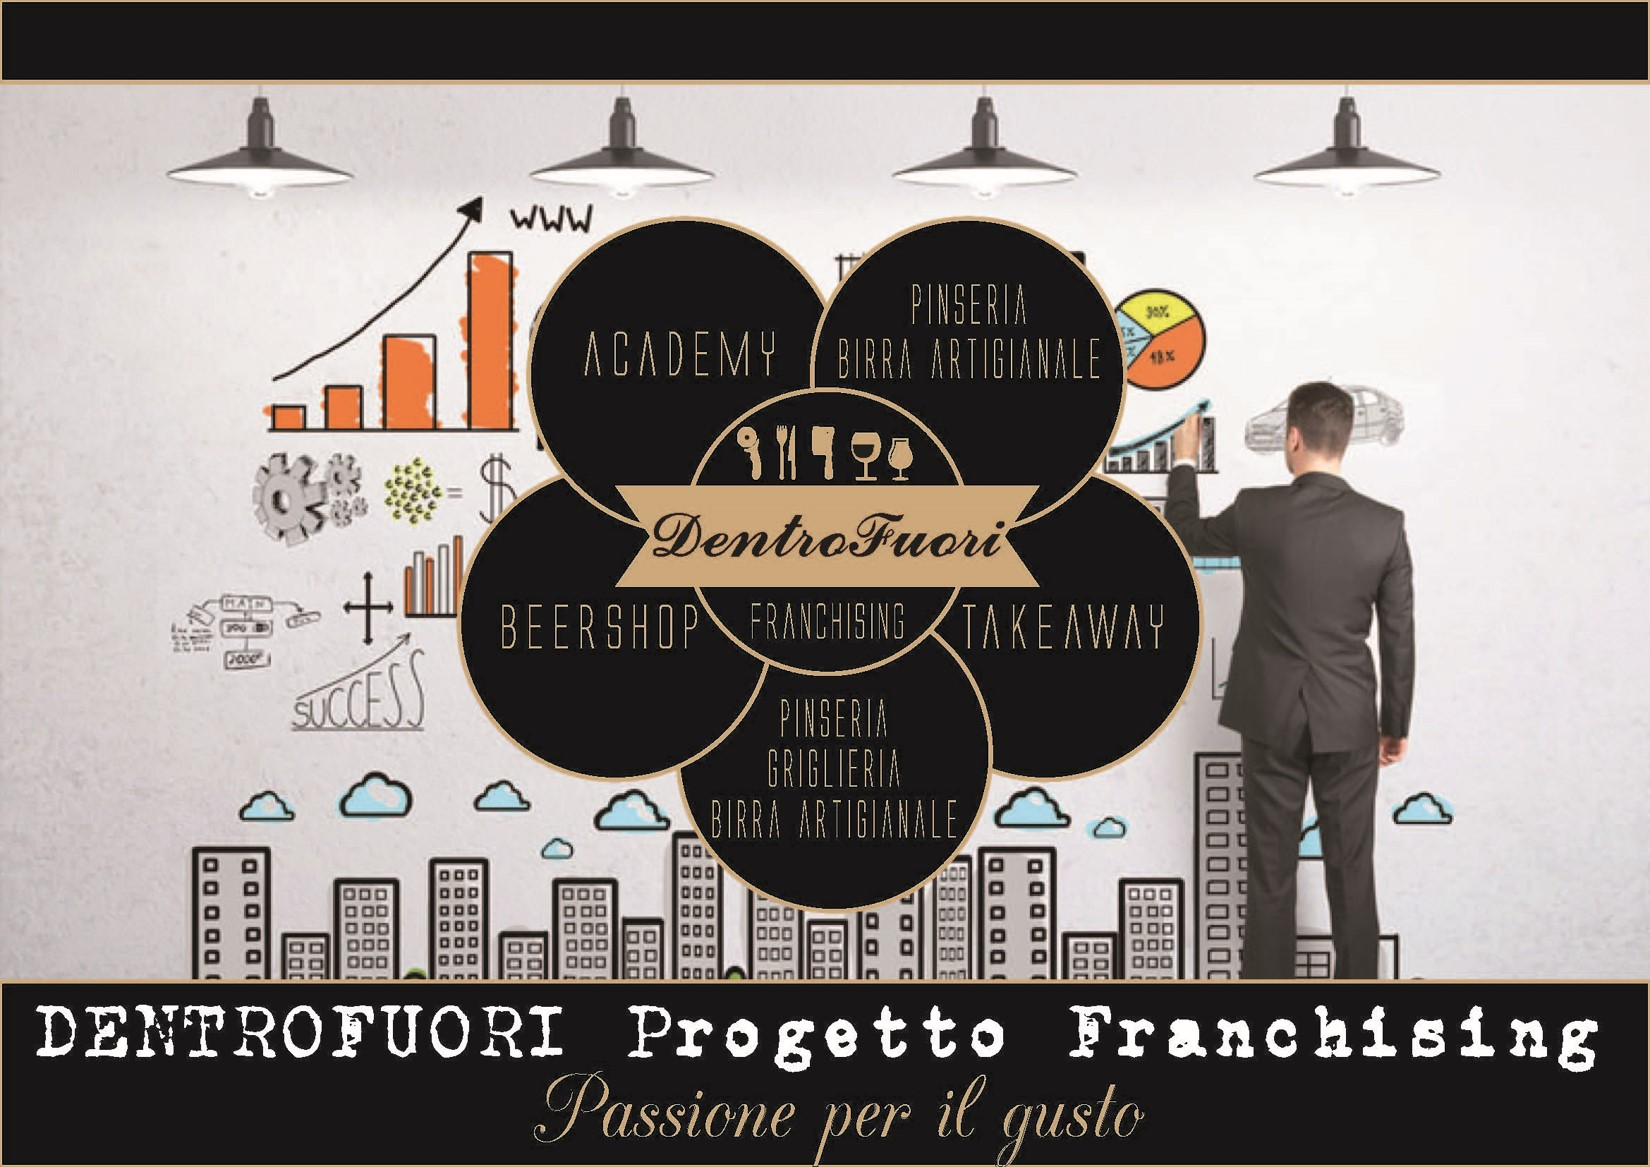 DentroFuori Progetto Franchising